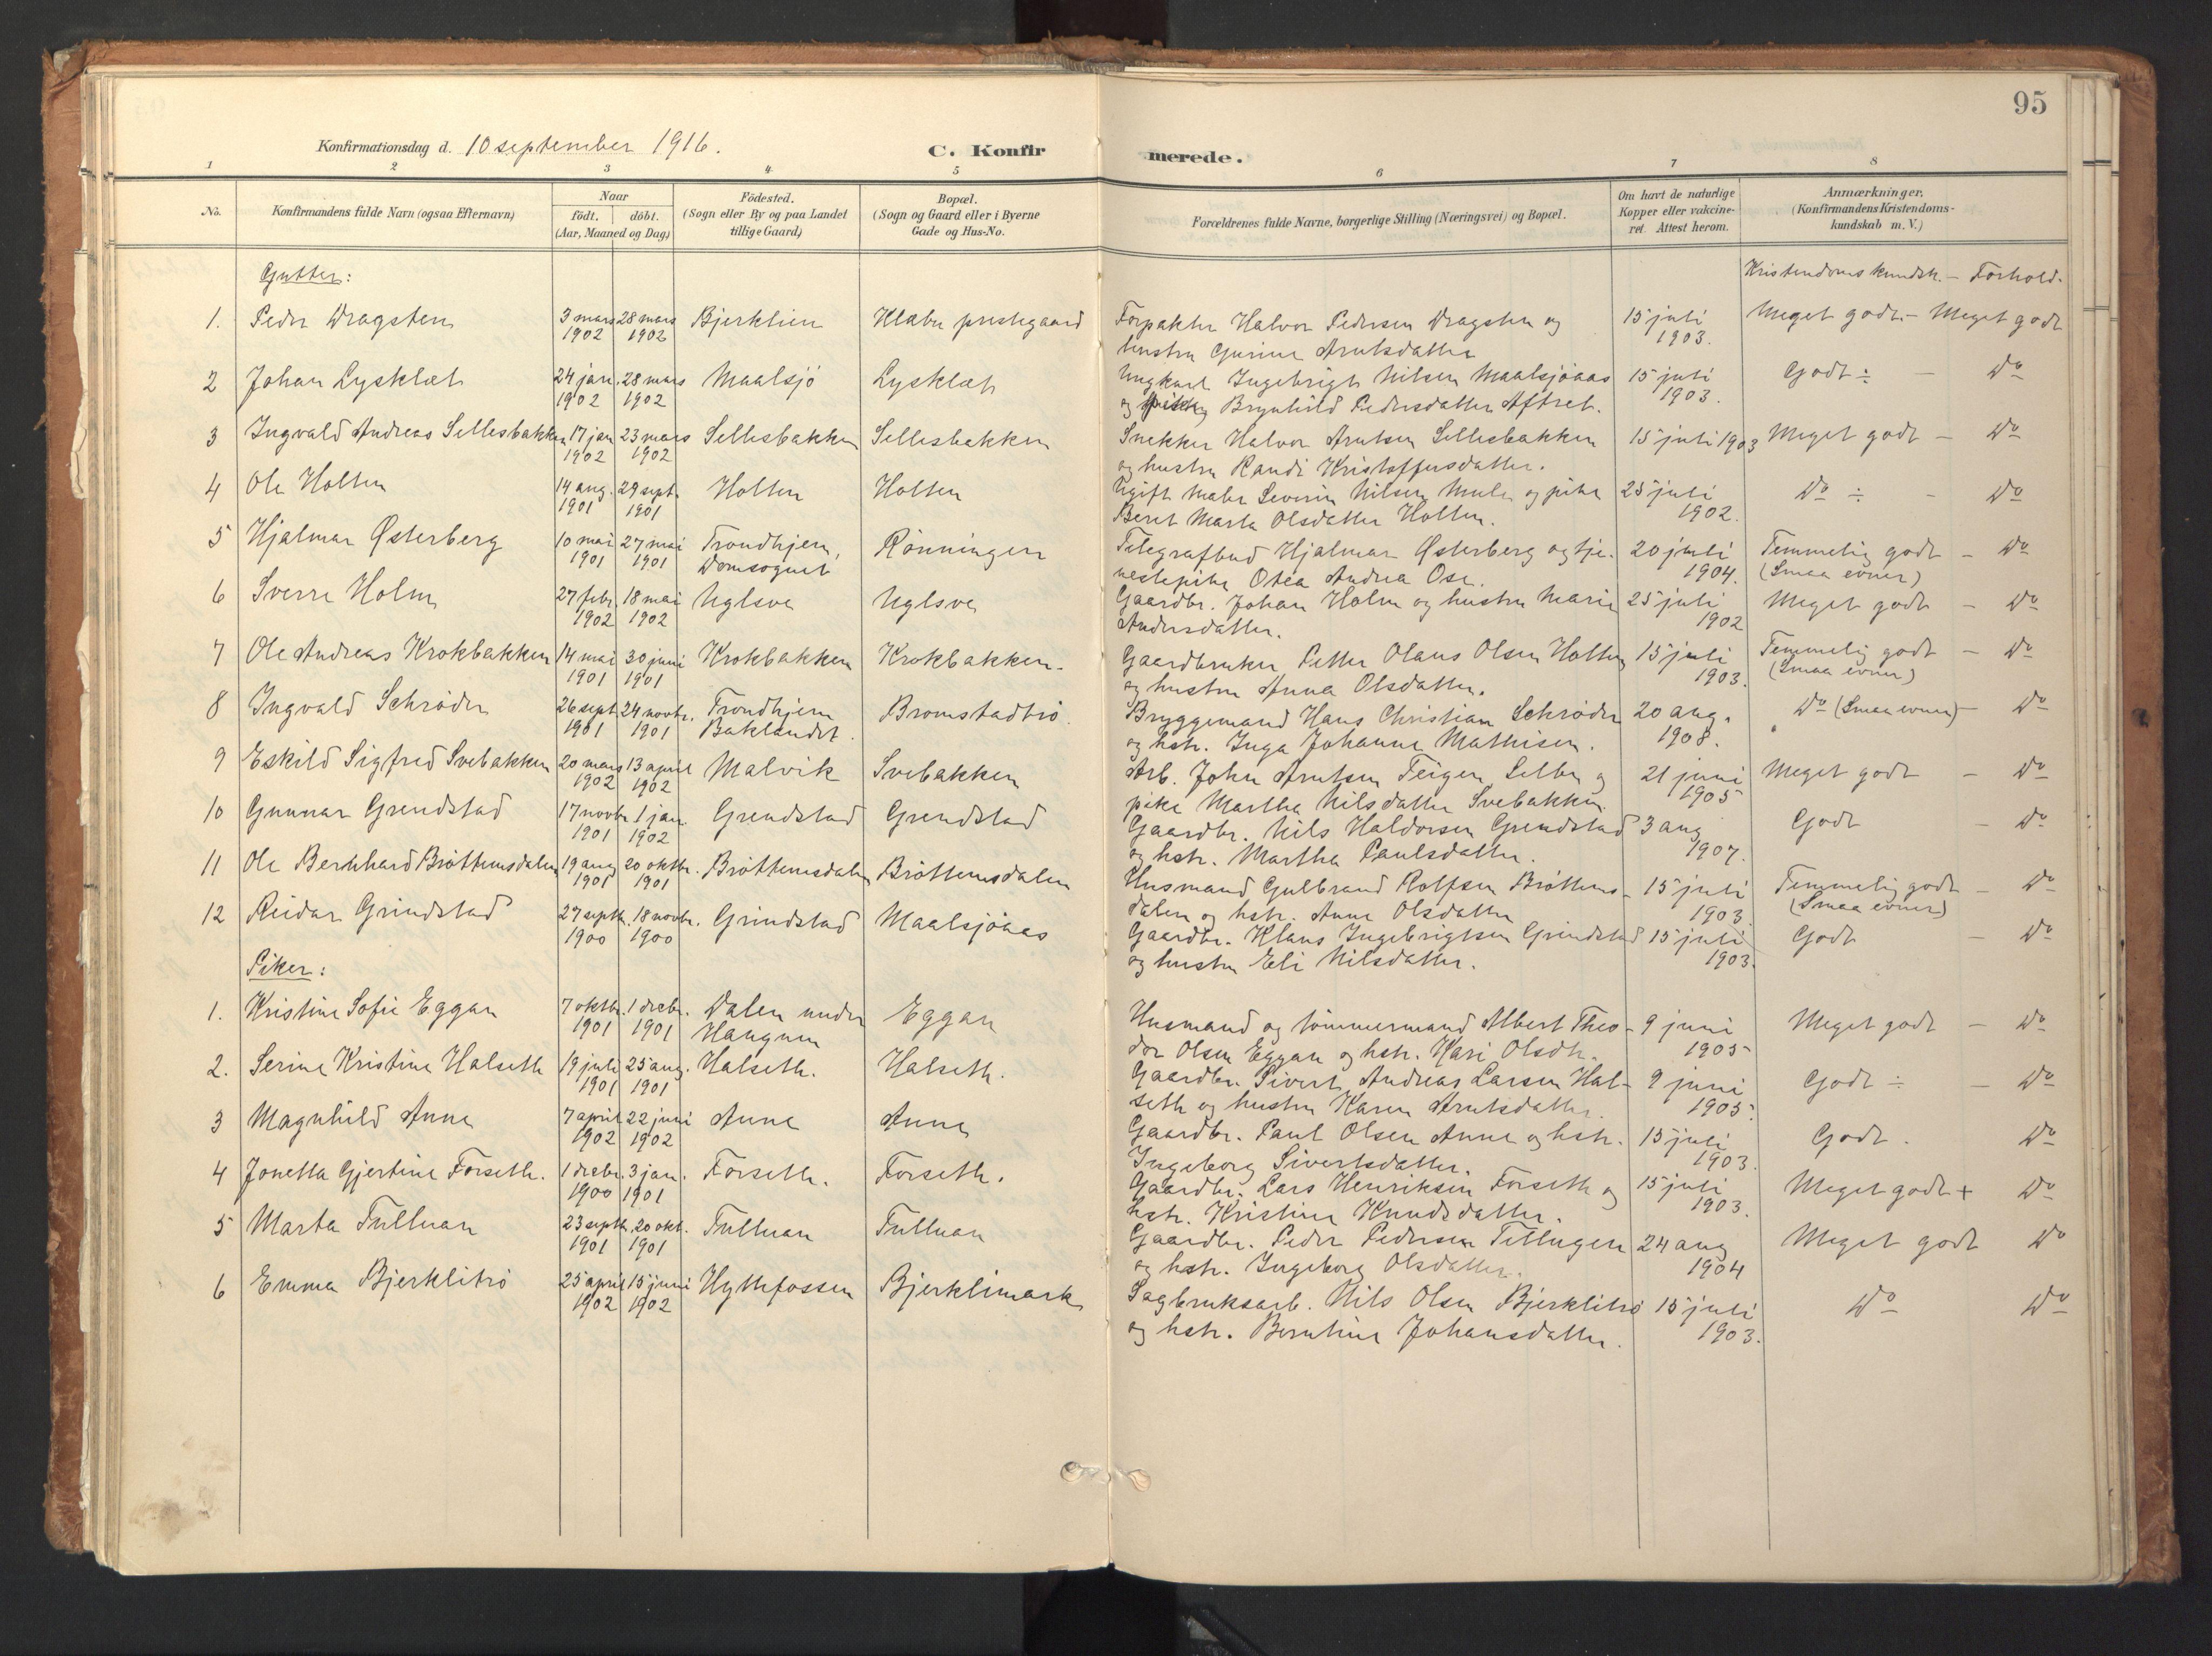 SAT, Ministerialprotokoller, klokkerbøker og fødselsregistre - Sør-Trøndelag, 618/L0448: Ministerialbok nr. 618A11, 1898-1916, s. 95